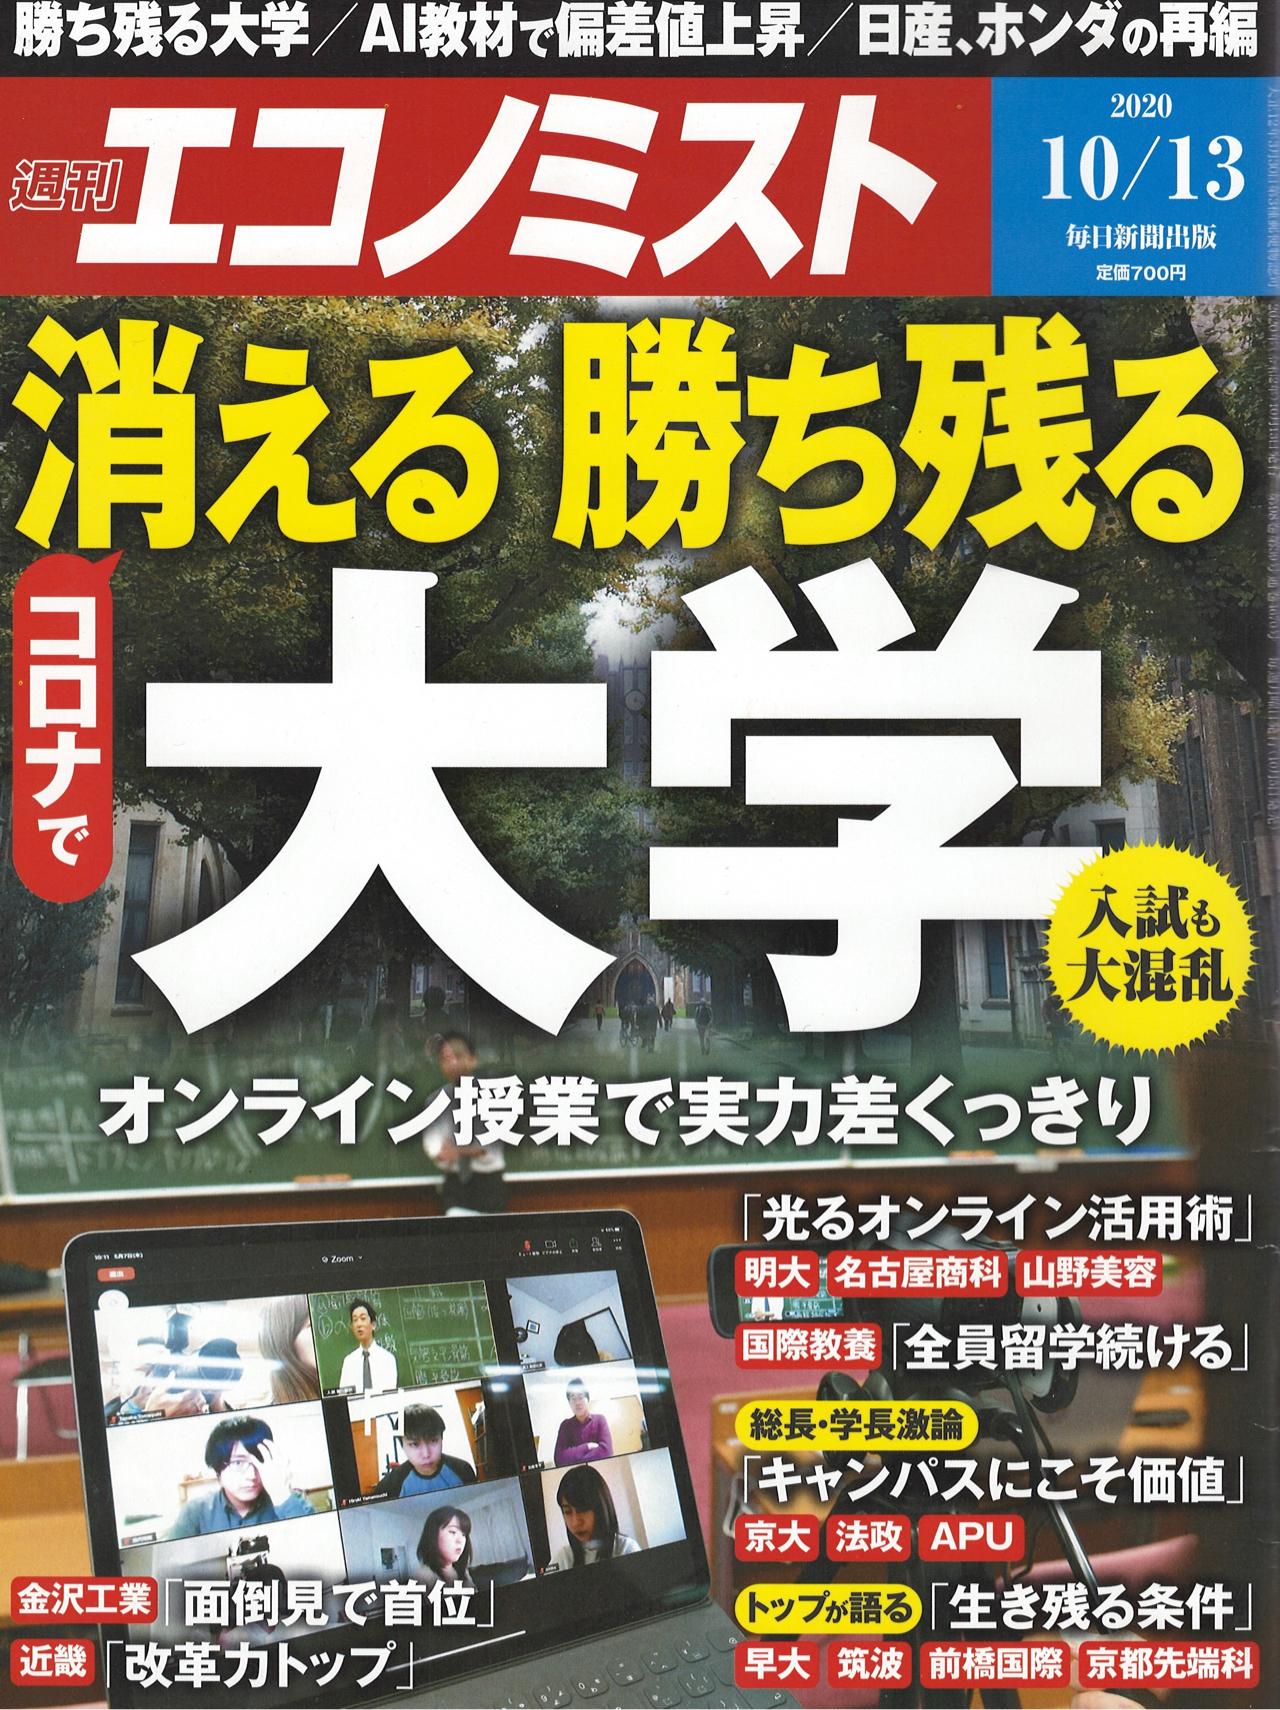 週刊エコノミスト 2020年10月13日号表紙